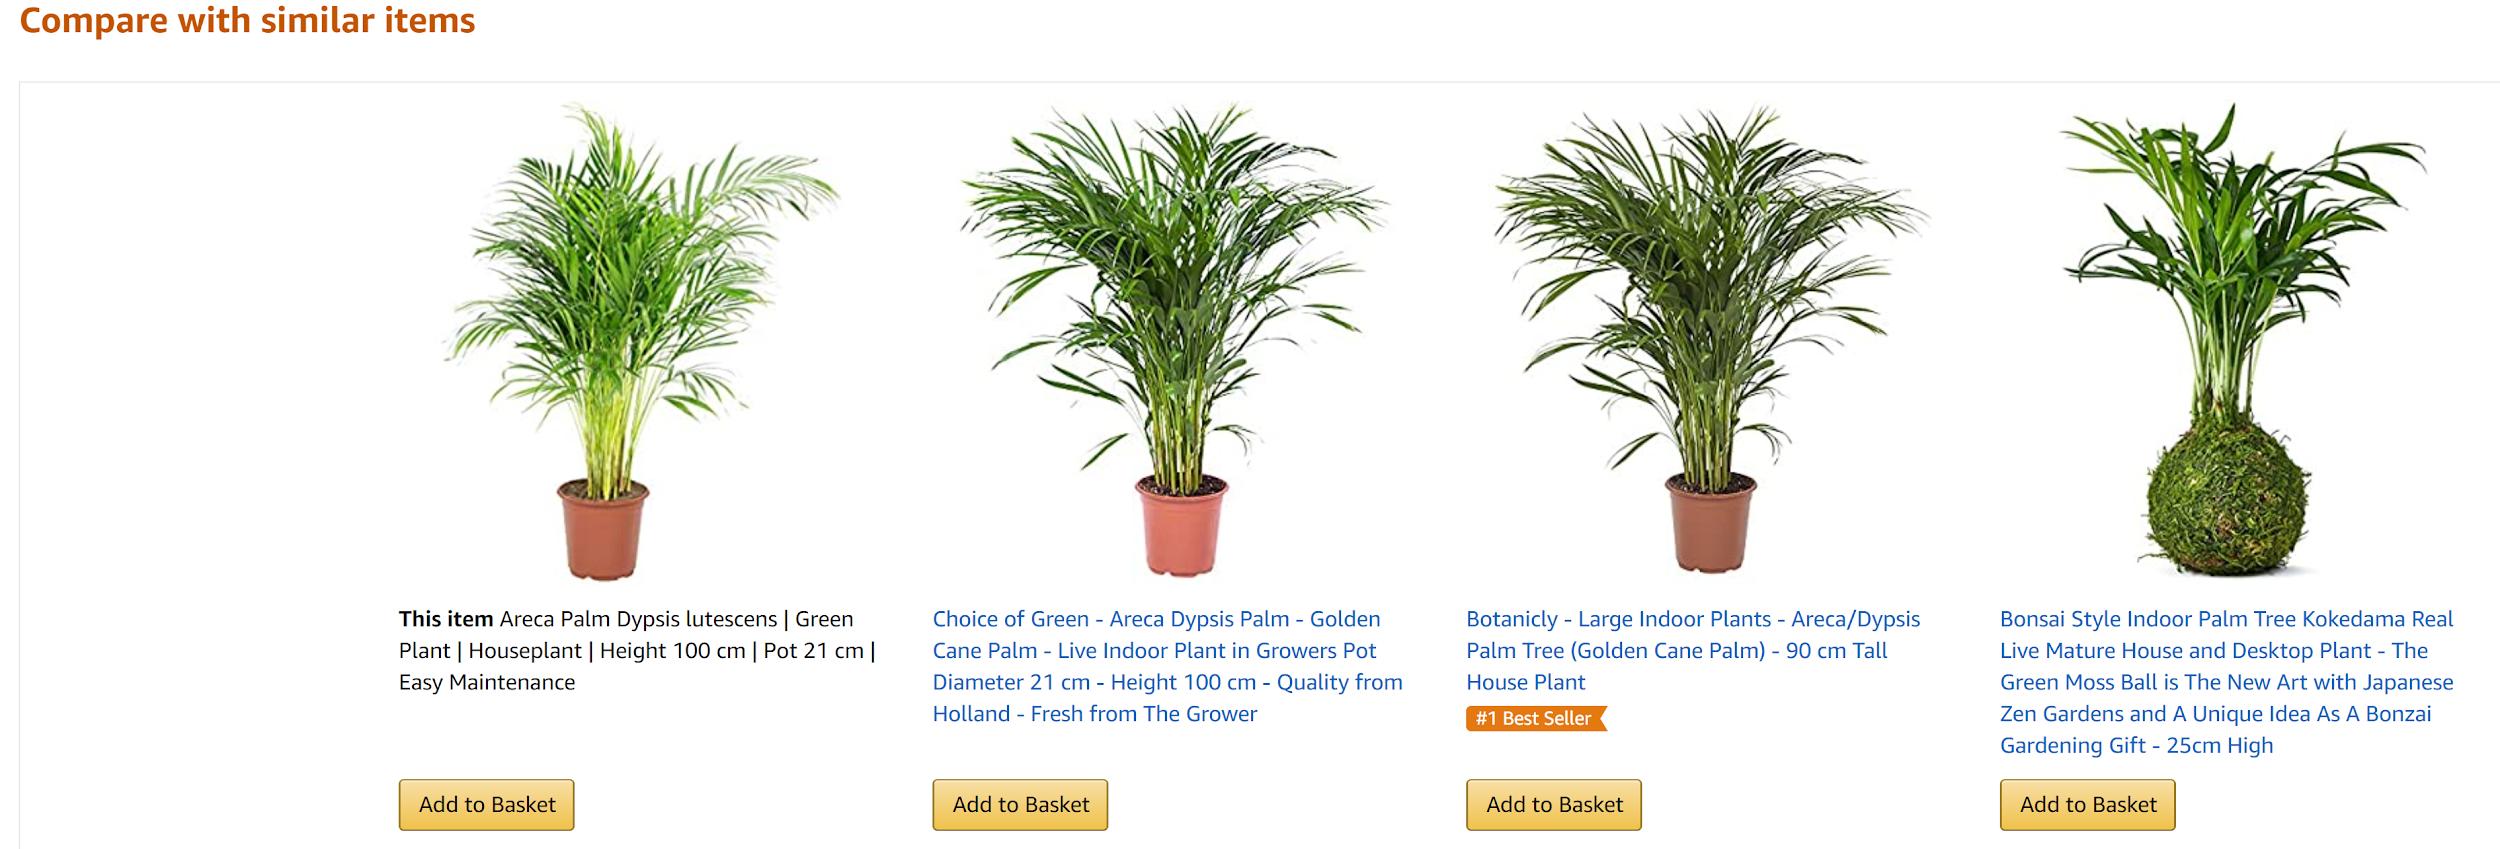 Amazon plants